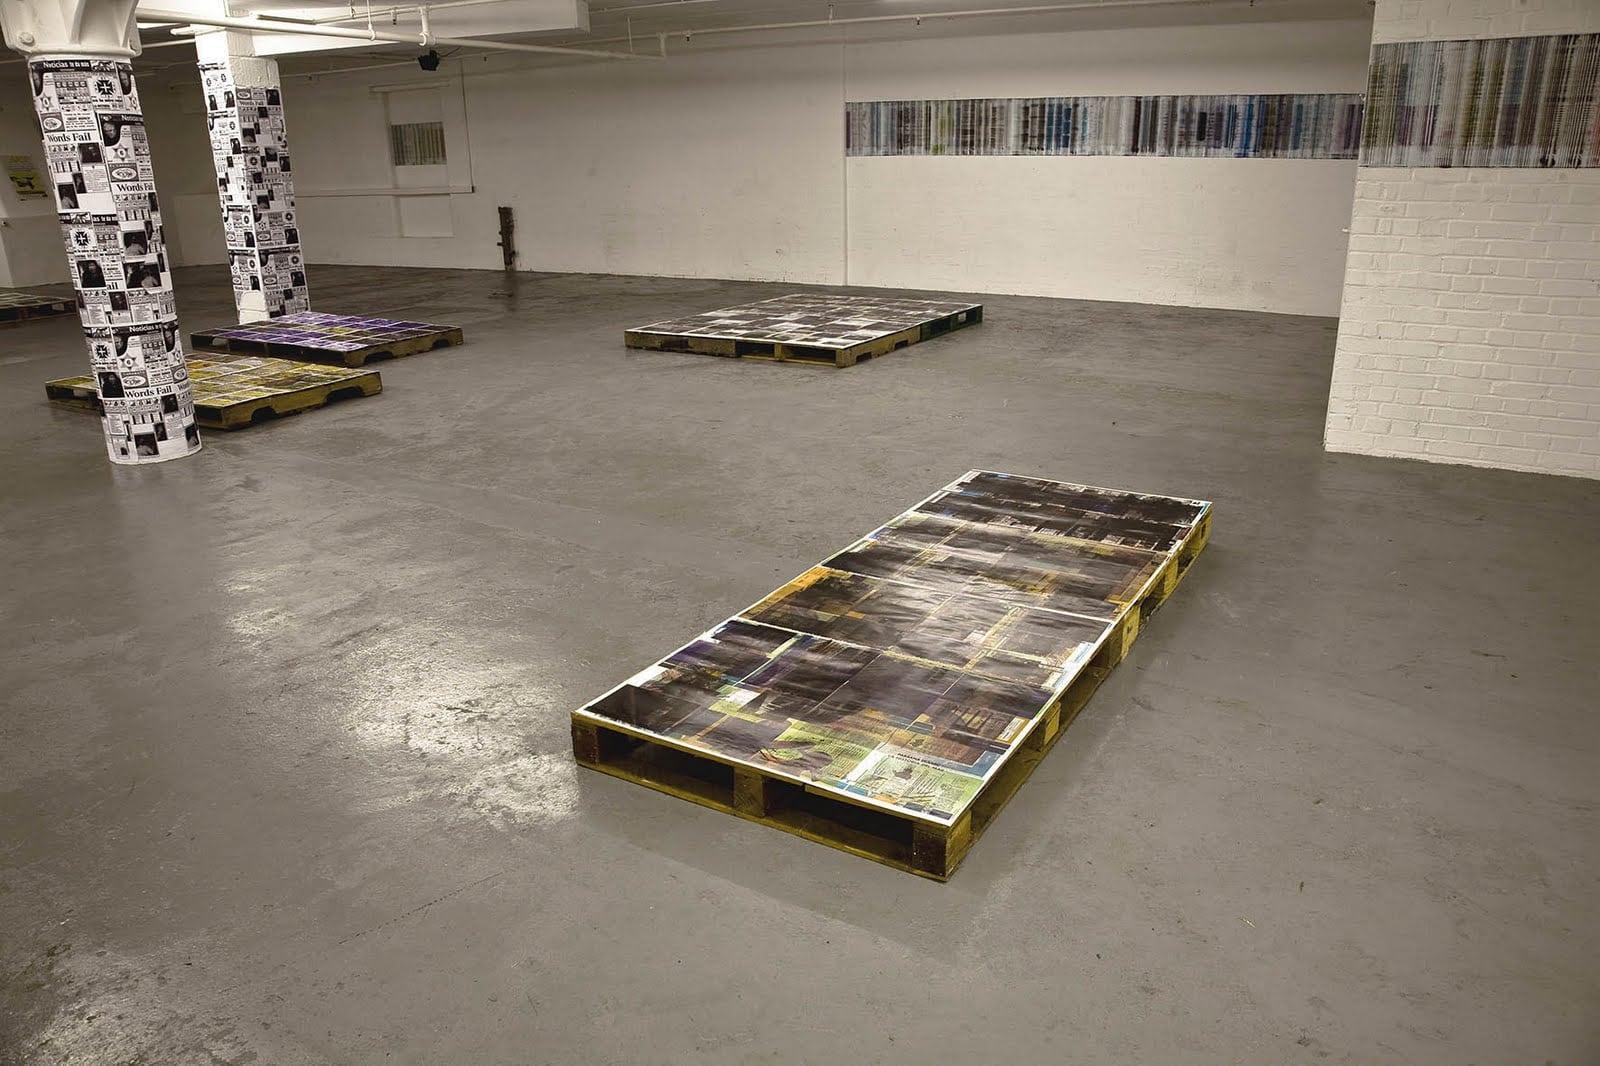 Principal Peripheries of Storage Javier Rodriguez  Waterside Project Space August 2009  http://petitpoi.net/waterside/